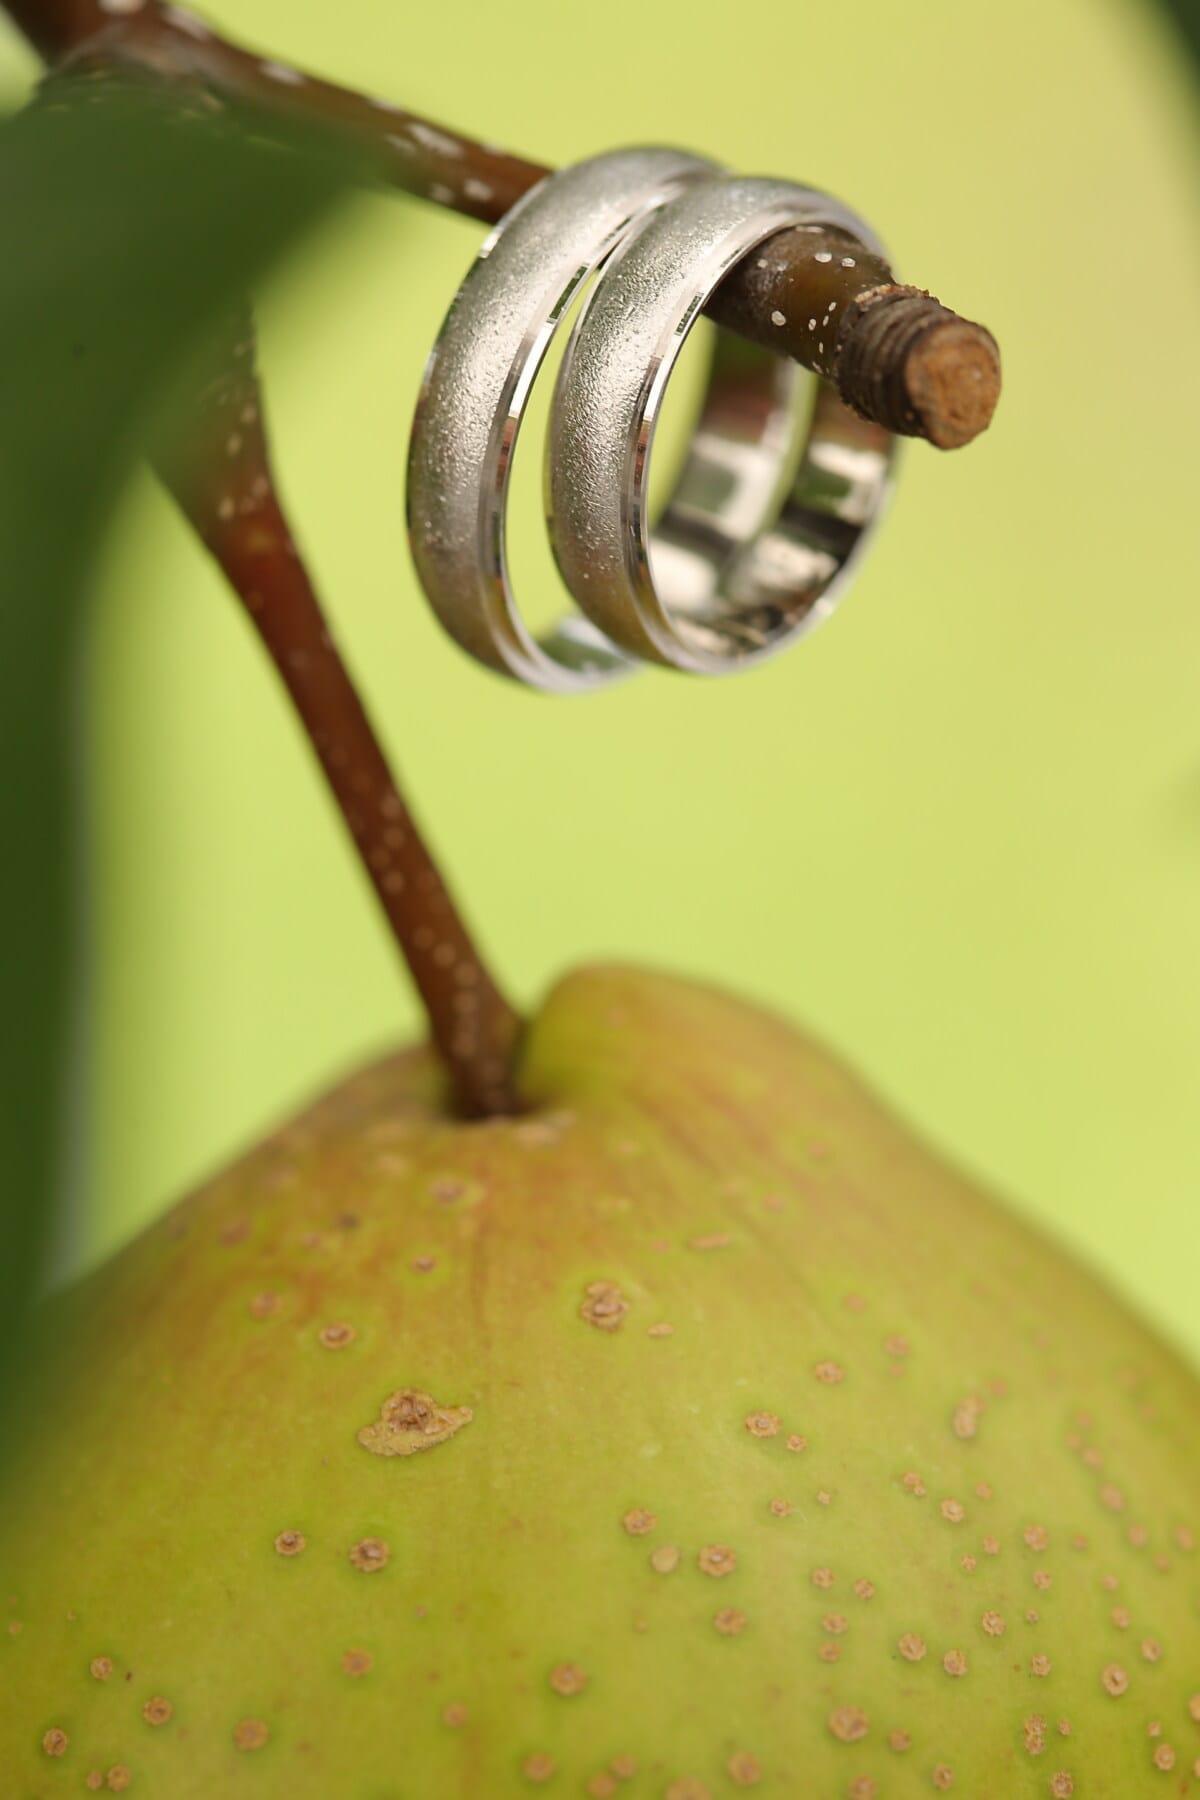 Schmuck, Ringe, Gold, Birne, hängende, Zweig, Obstbaum, Struktur, Obst, süß